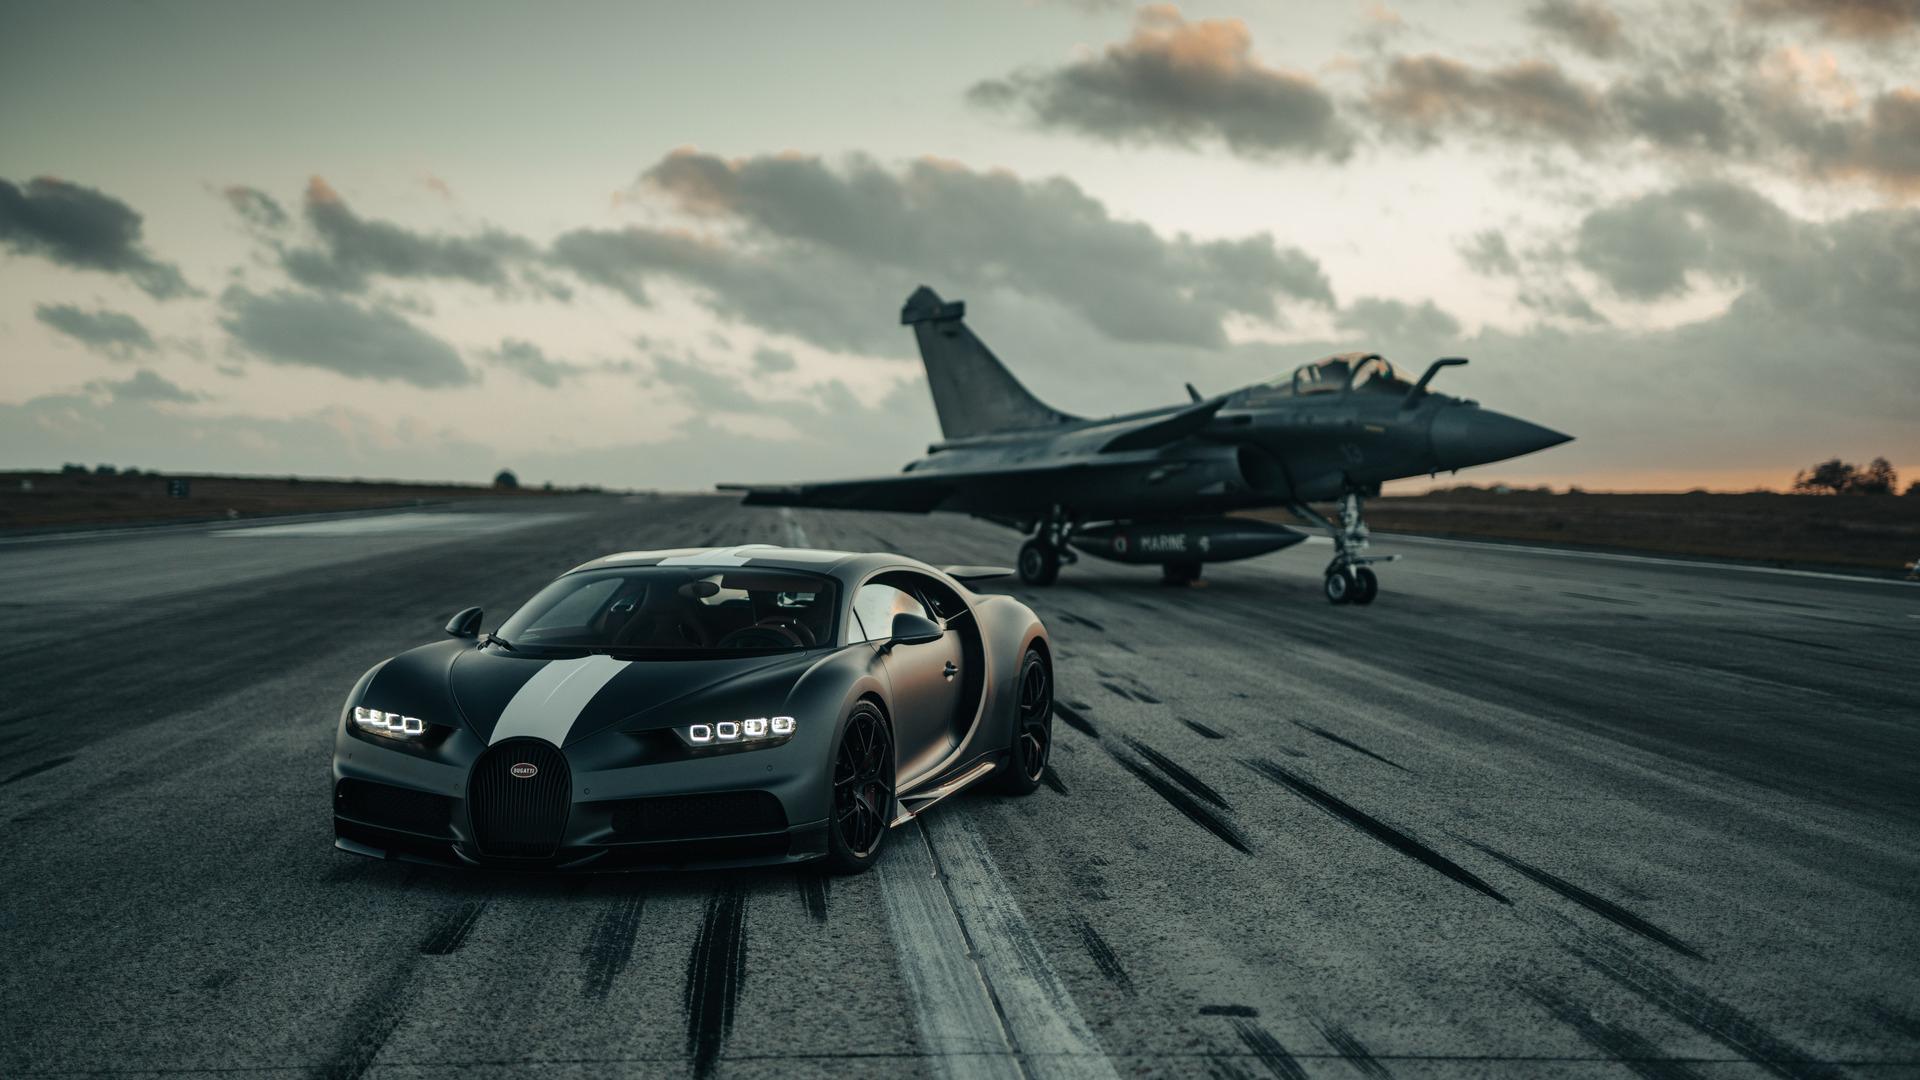 汽车天下,布加迪,战斗机,超级跑车